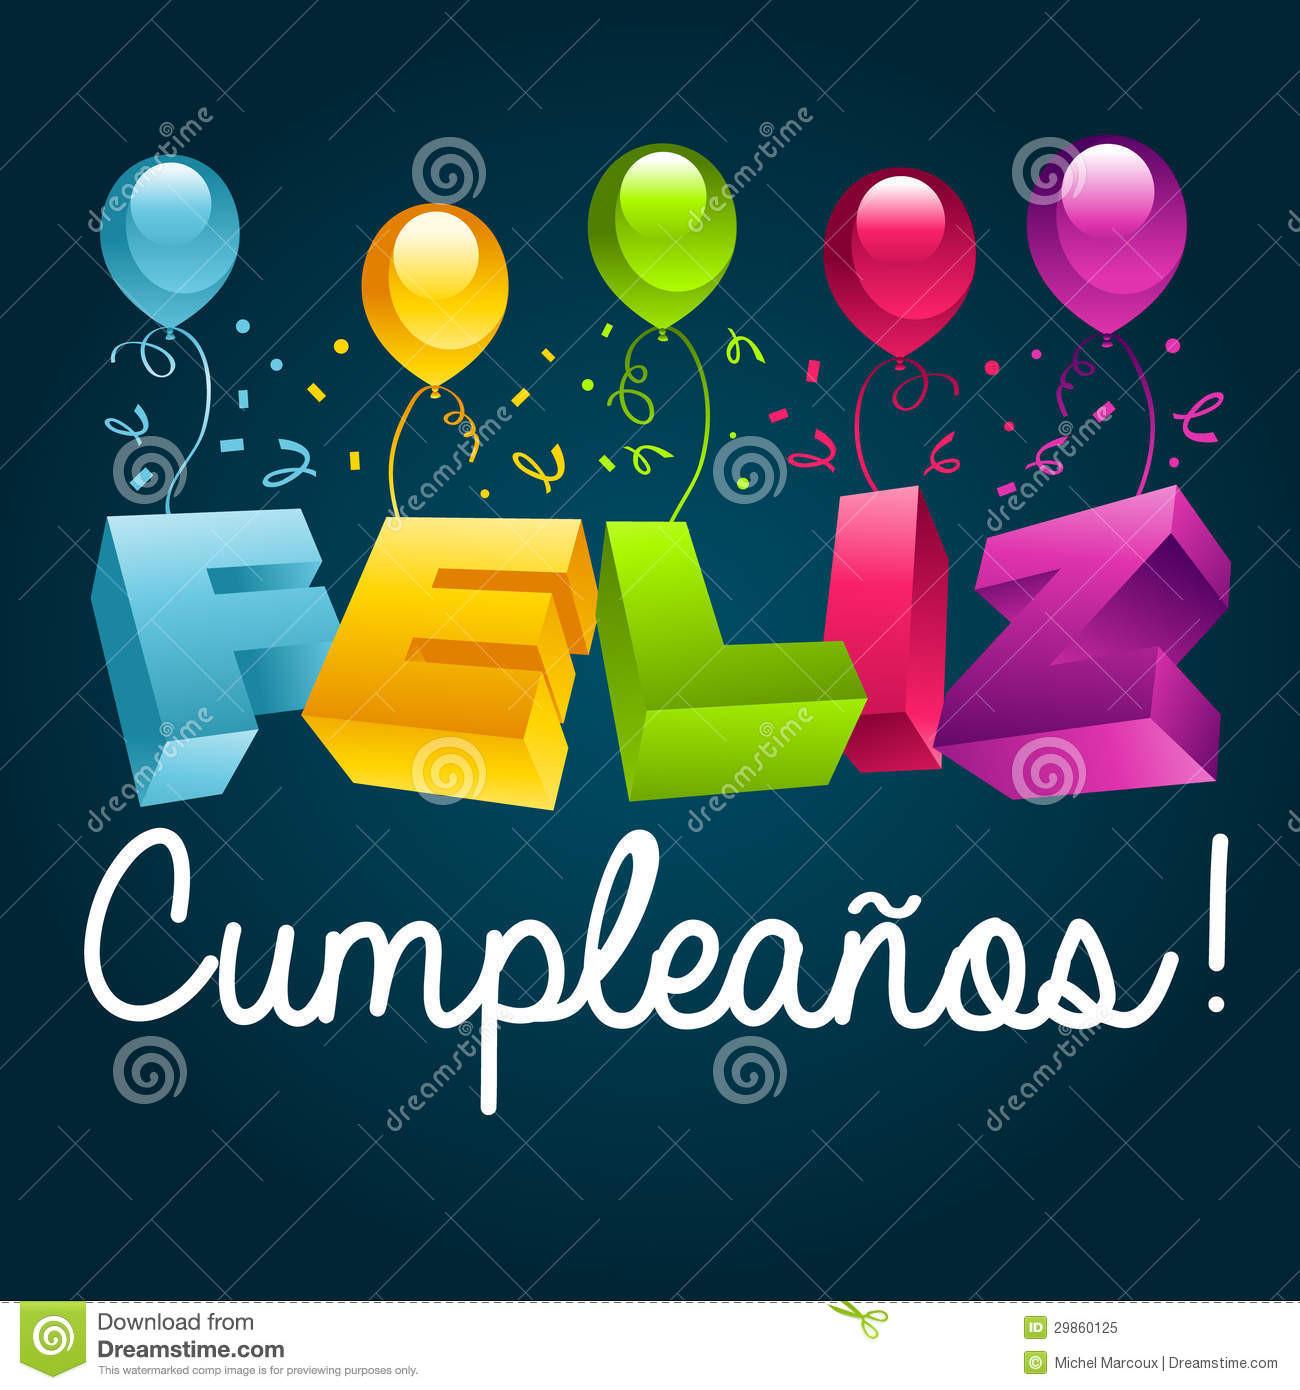 Geburtstagswünsche Spanisch  Zum Geburtstag Auf Spanisch Lustige